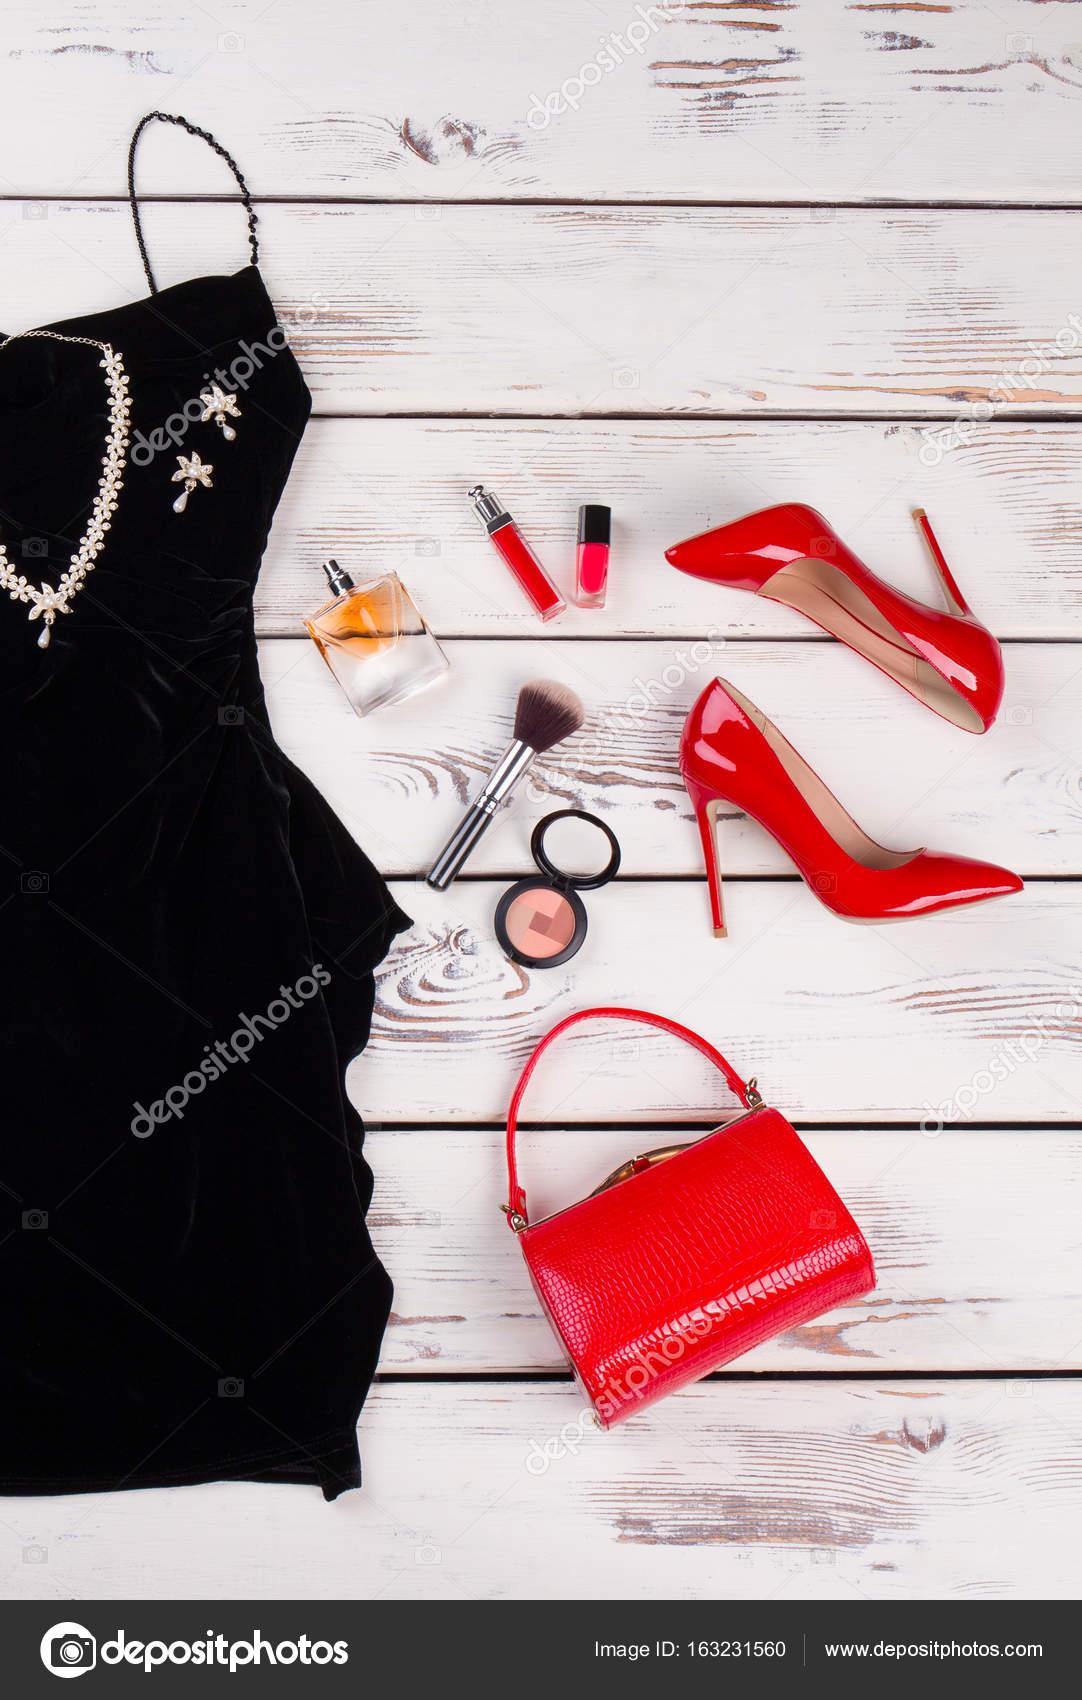 f03ed1224f6e Letní módní oblečení a doplňky — Stock Fotografie © margostock ...